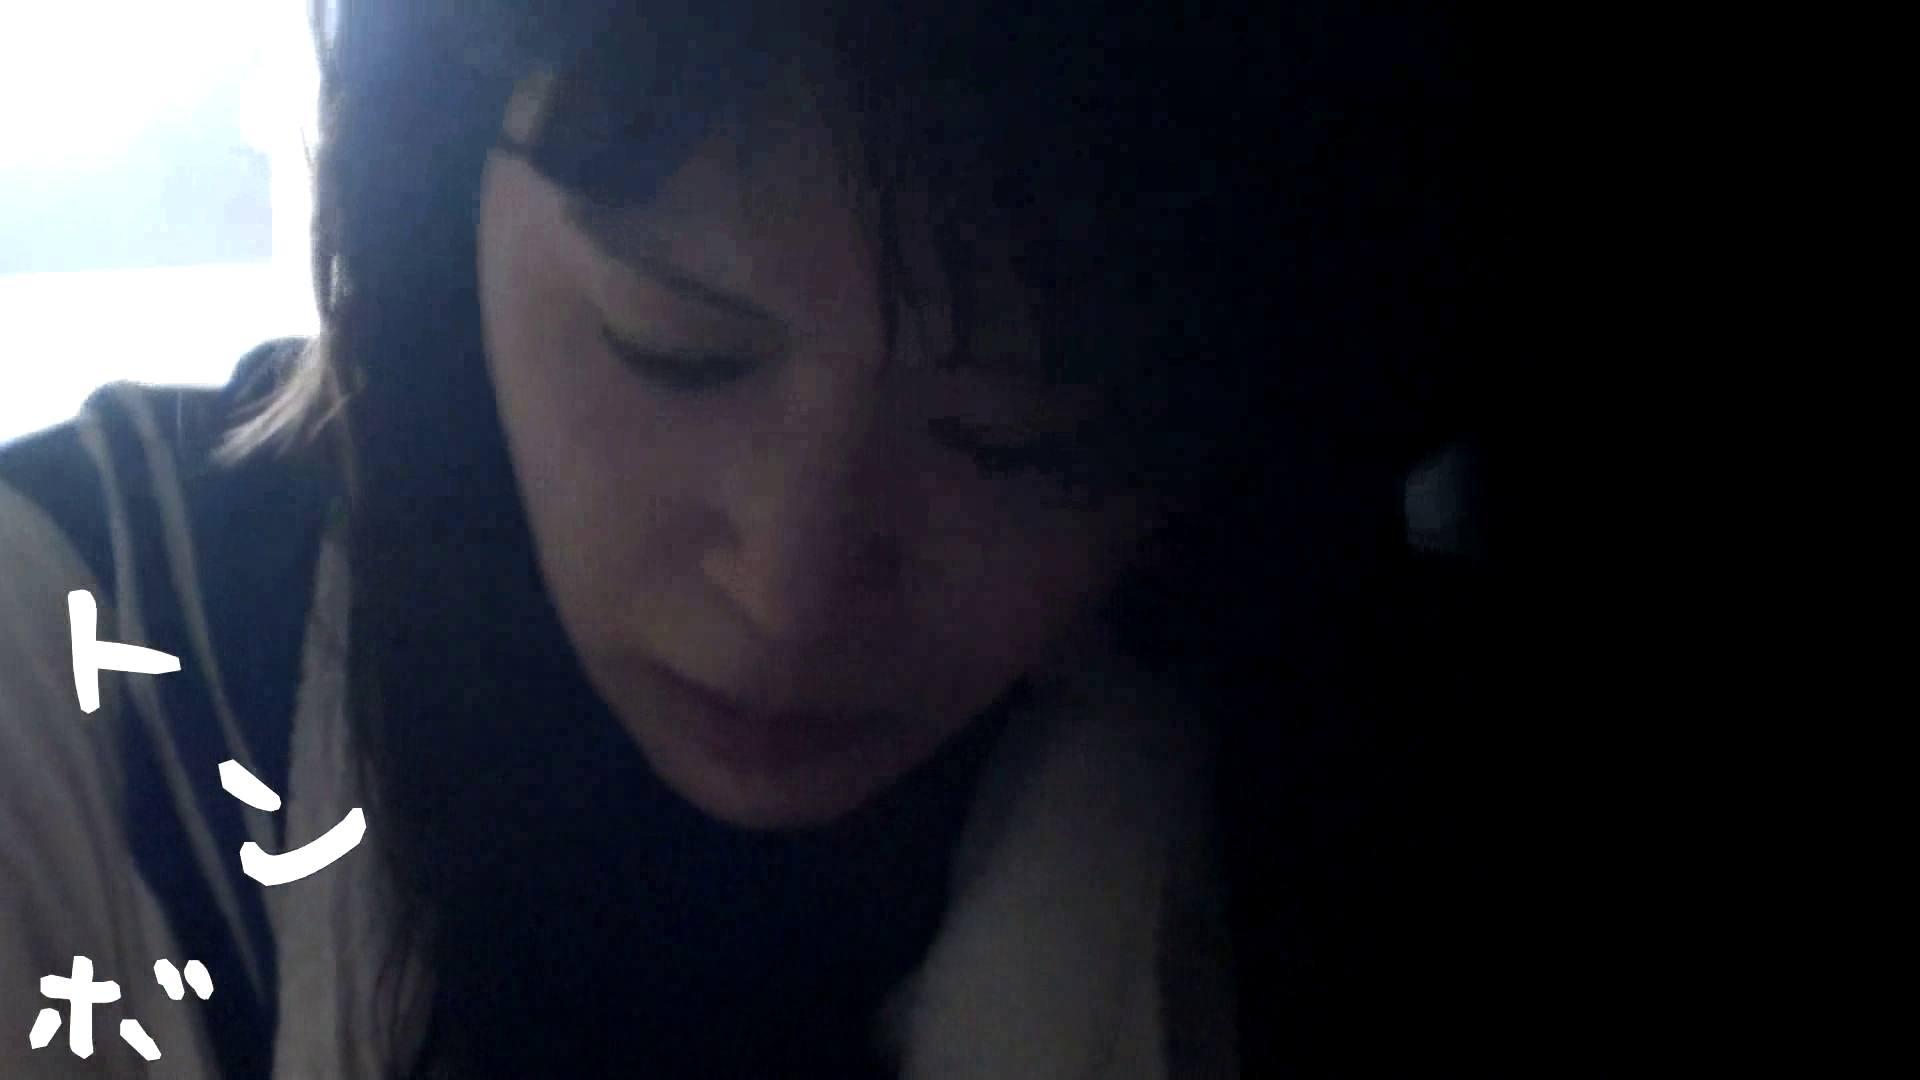 リアル盗撮 清楚なお女市さんのマル秘私生活① 美女 ワレメ動画紹介 79枚 41